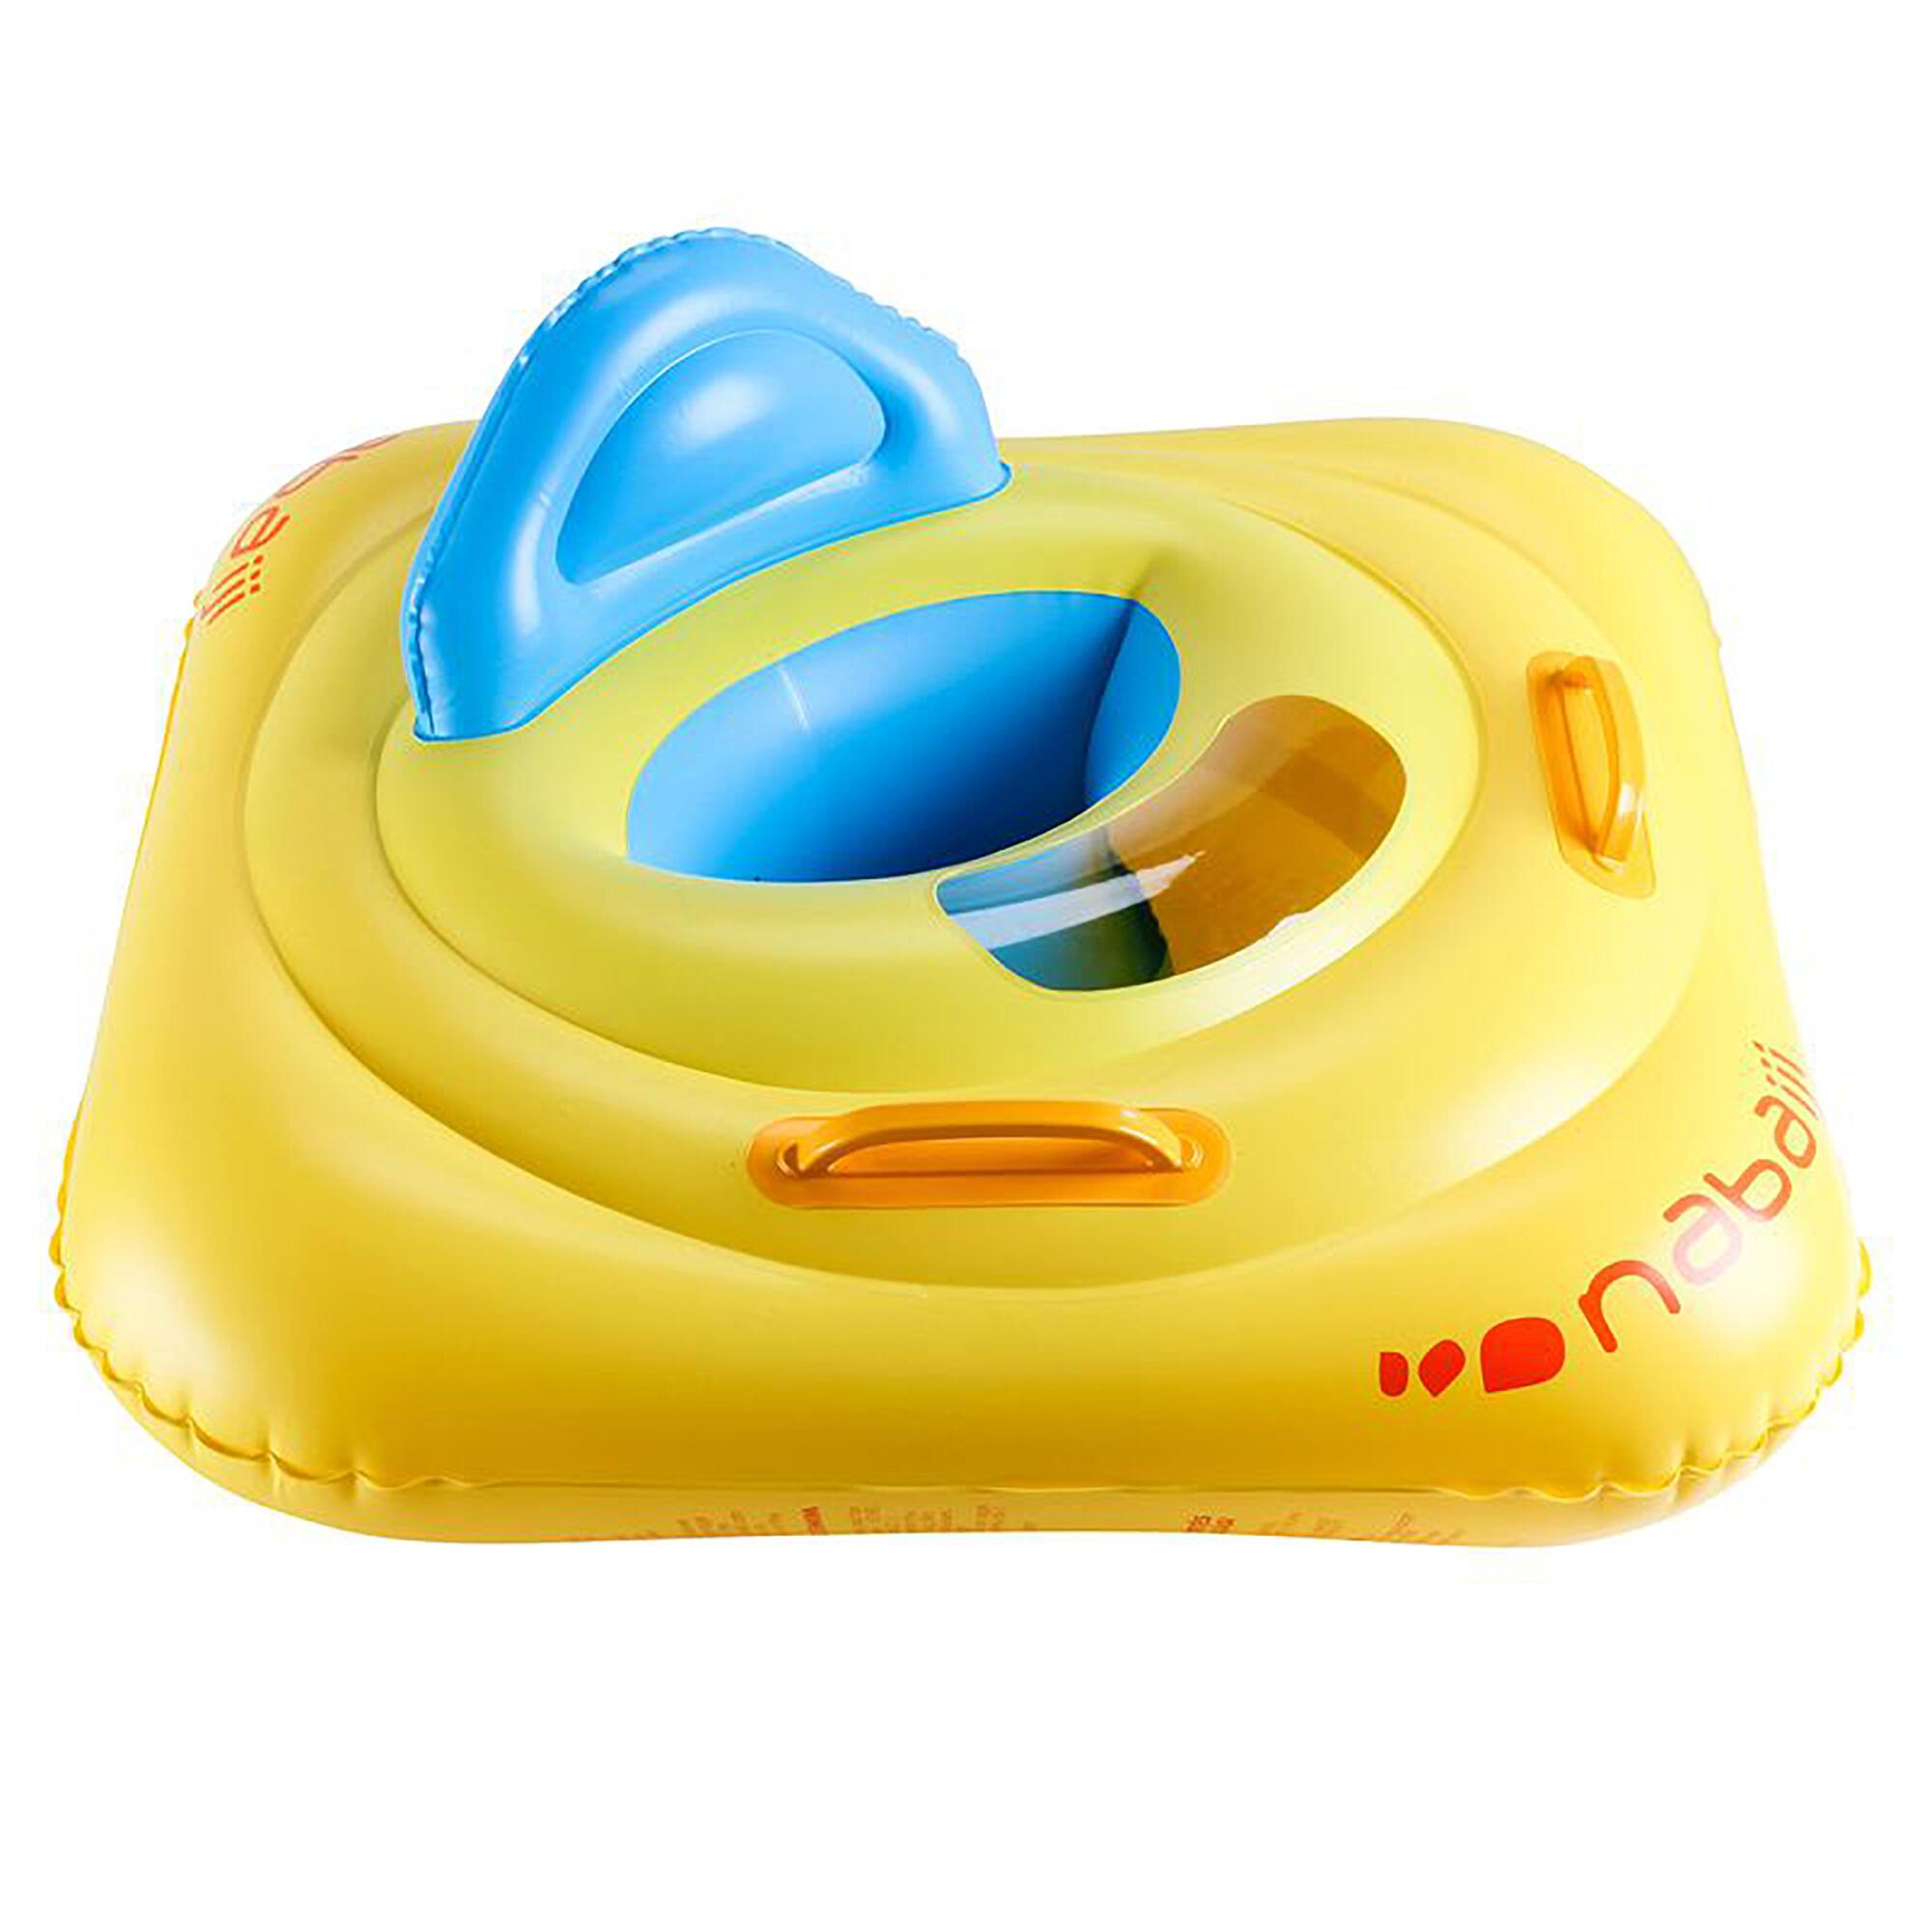 Flotador con asiento para bebé, amarillo con ventana y asas, niños de 7 a 11 kg